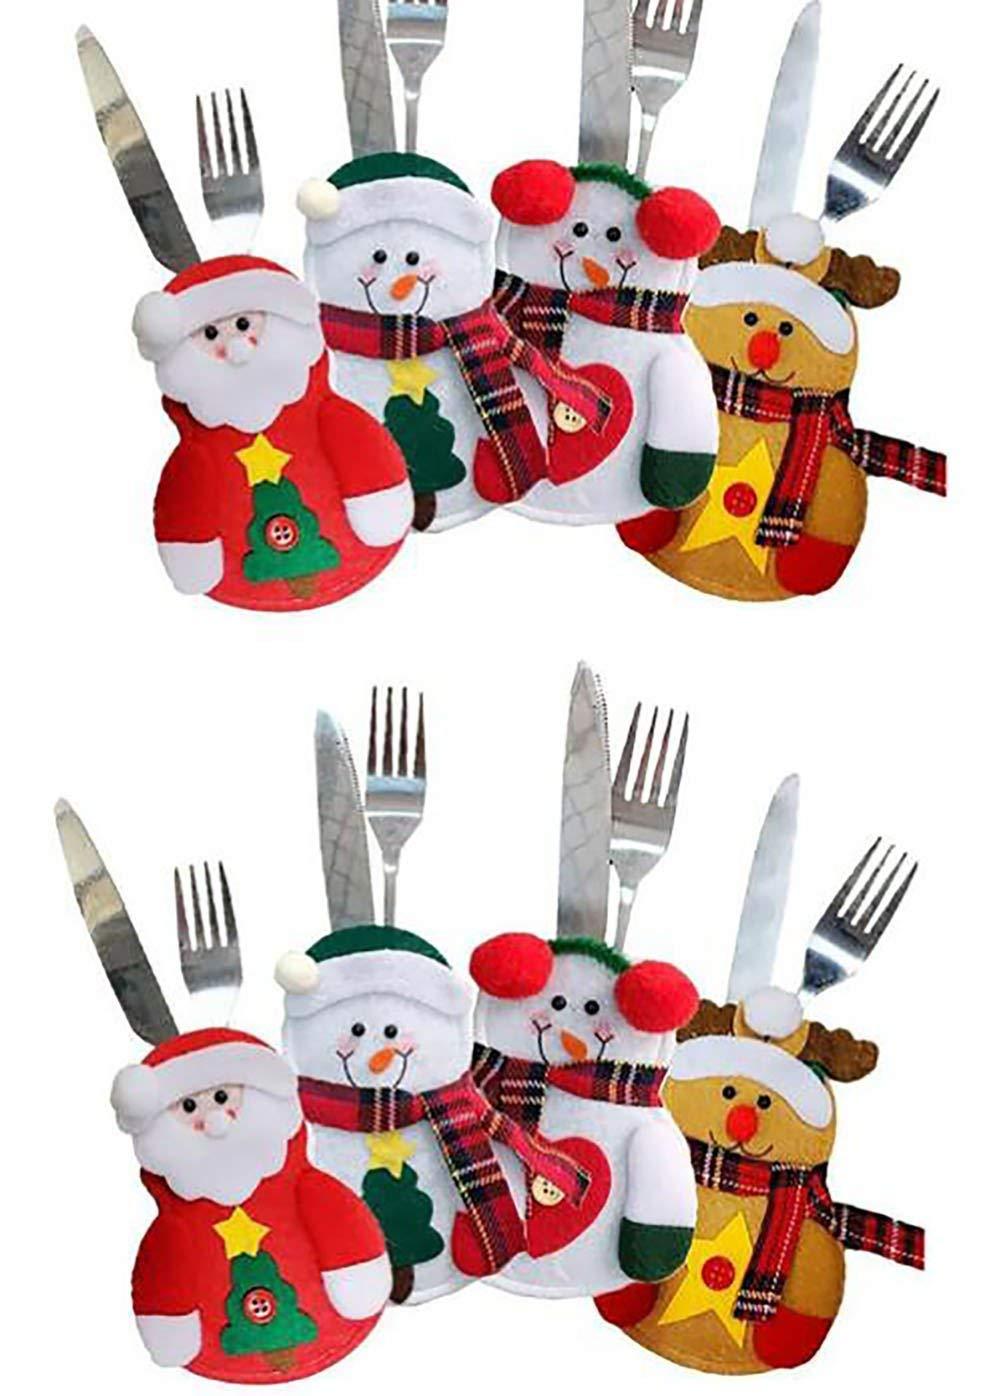 Miig-du Jeweils zwei Teile, also insgesamt 8 Teile! (Besteck-Taschenset Besteck-Set Weihnachtsgeschirr)